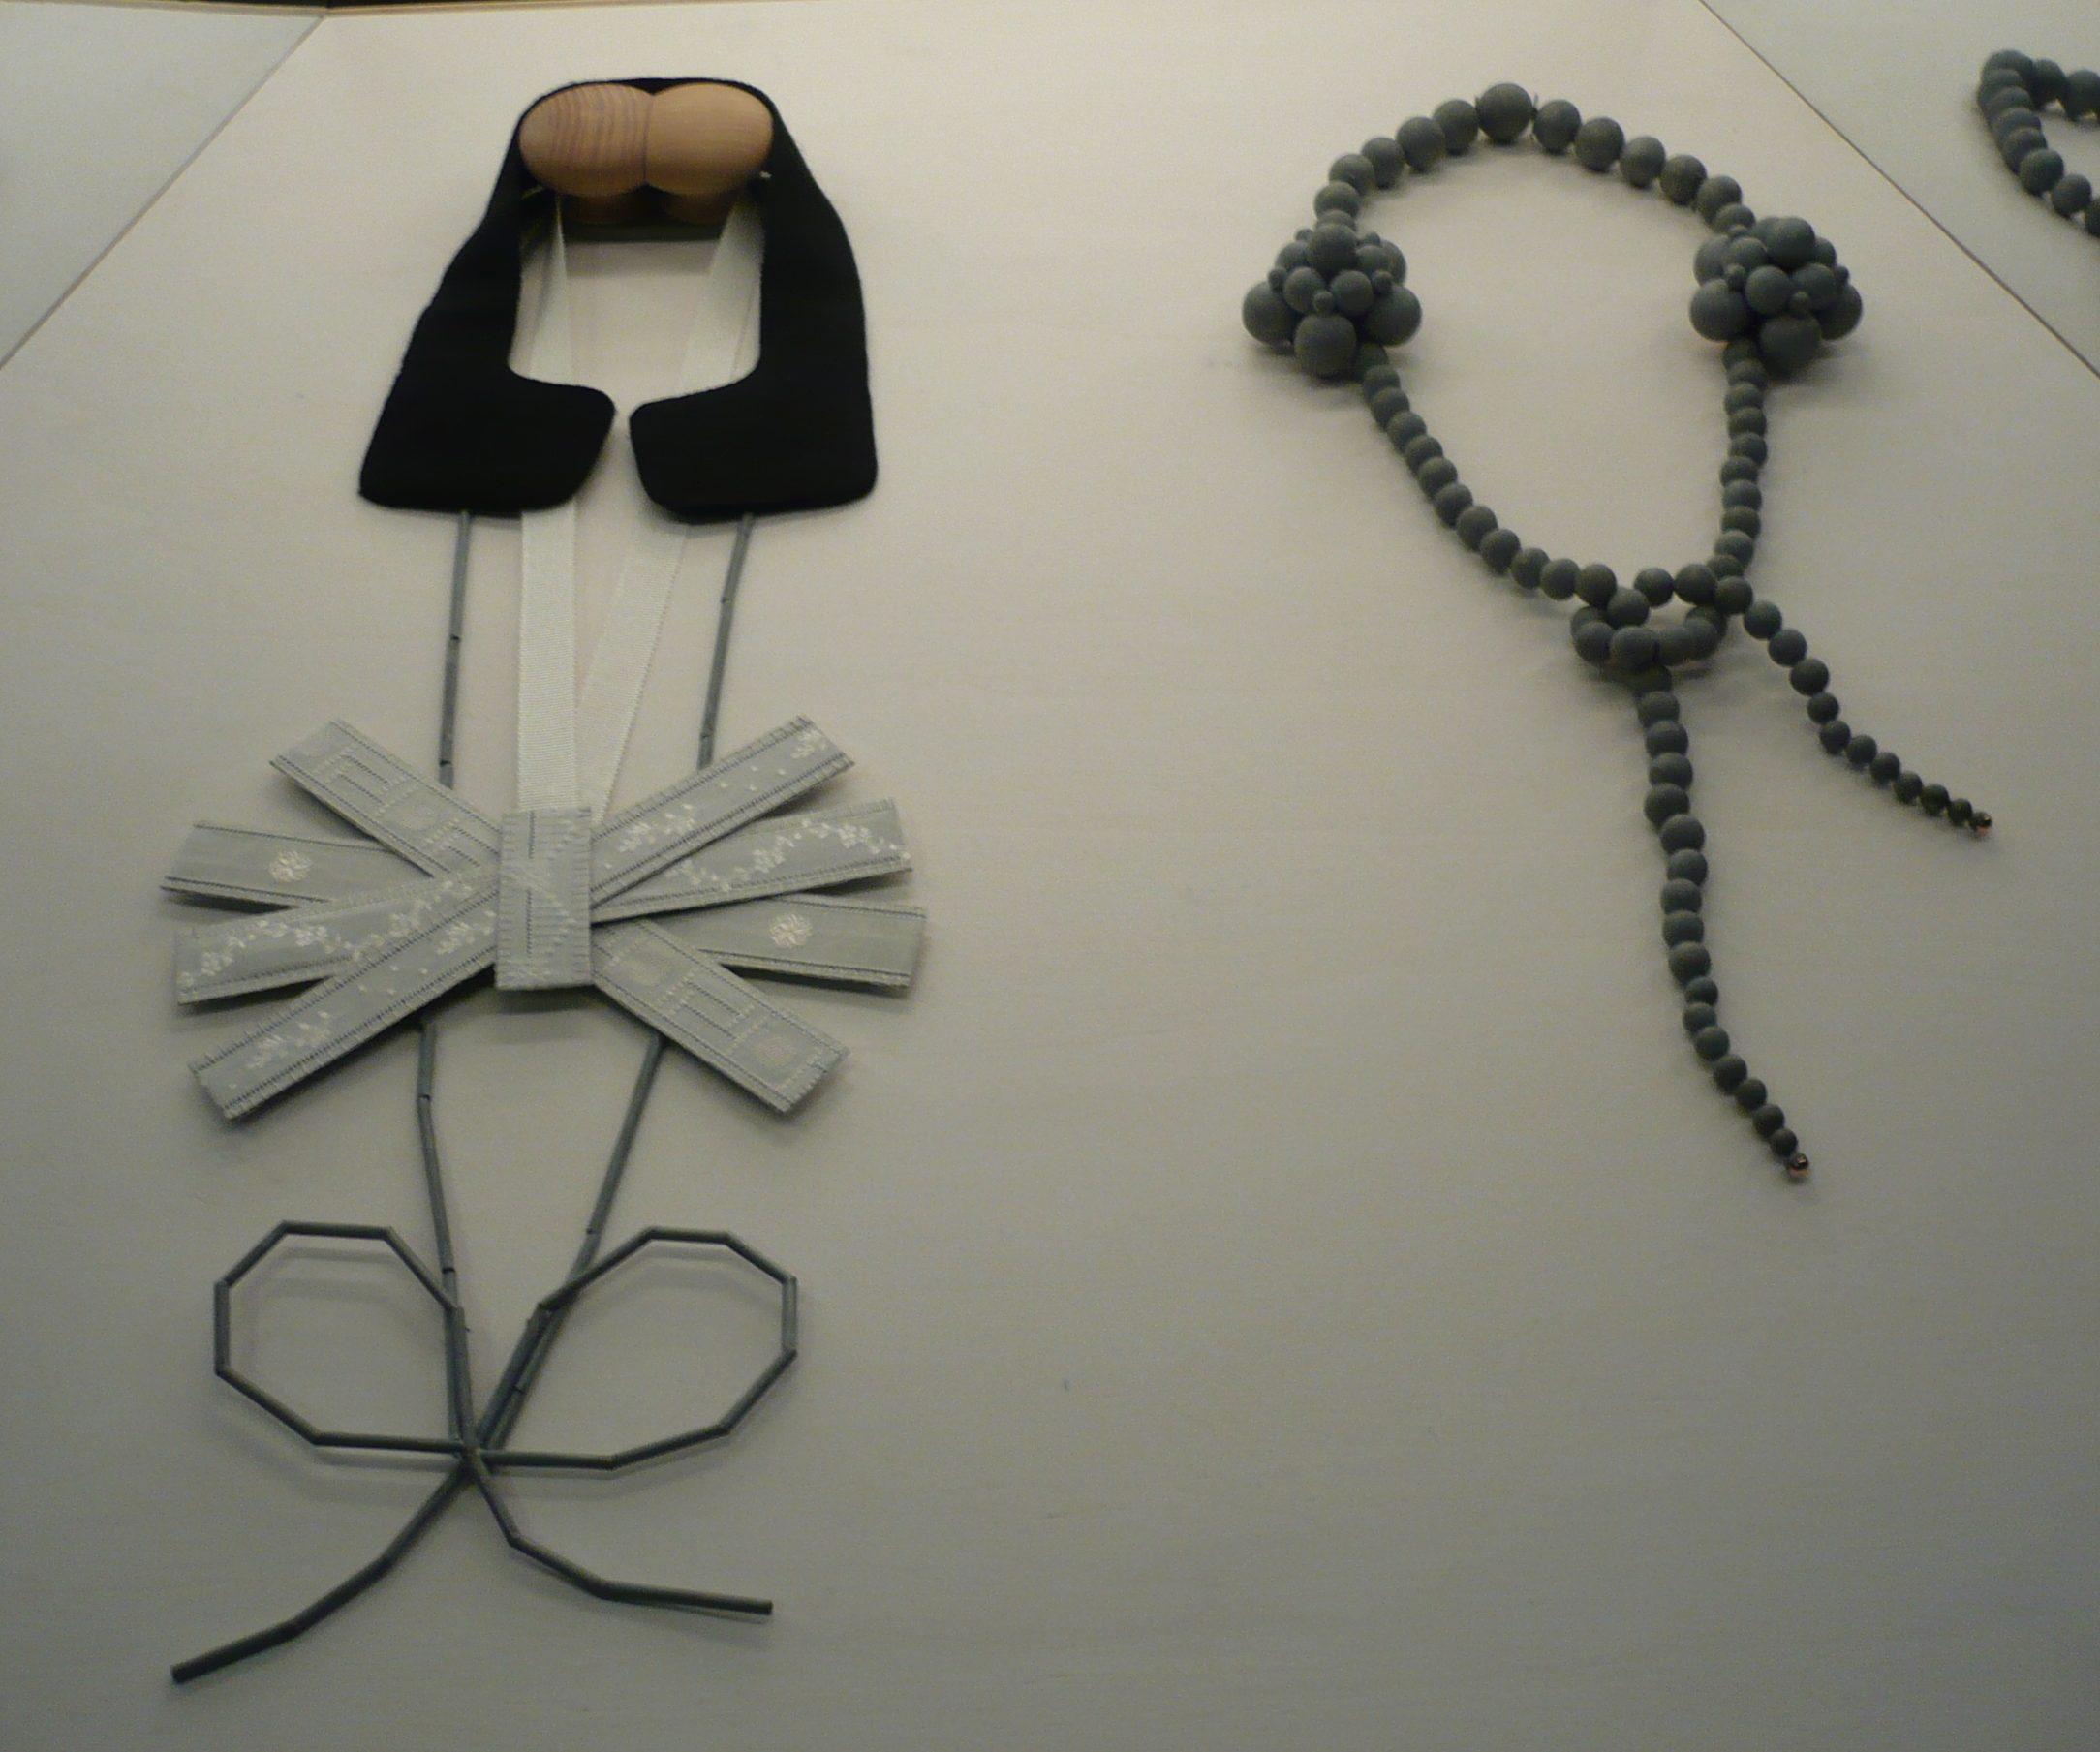 Lucy Sarneel, halssieraden, Gejaagd door de wind, 2009. Gejaagd door de wind, 2009. Foto (met dank aan) Liesbeth den Besten©